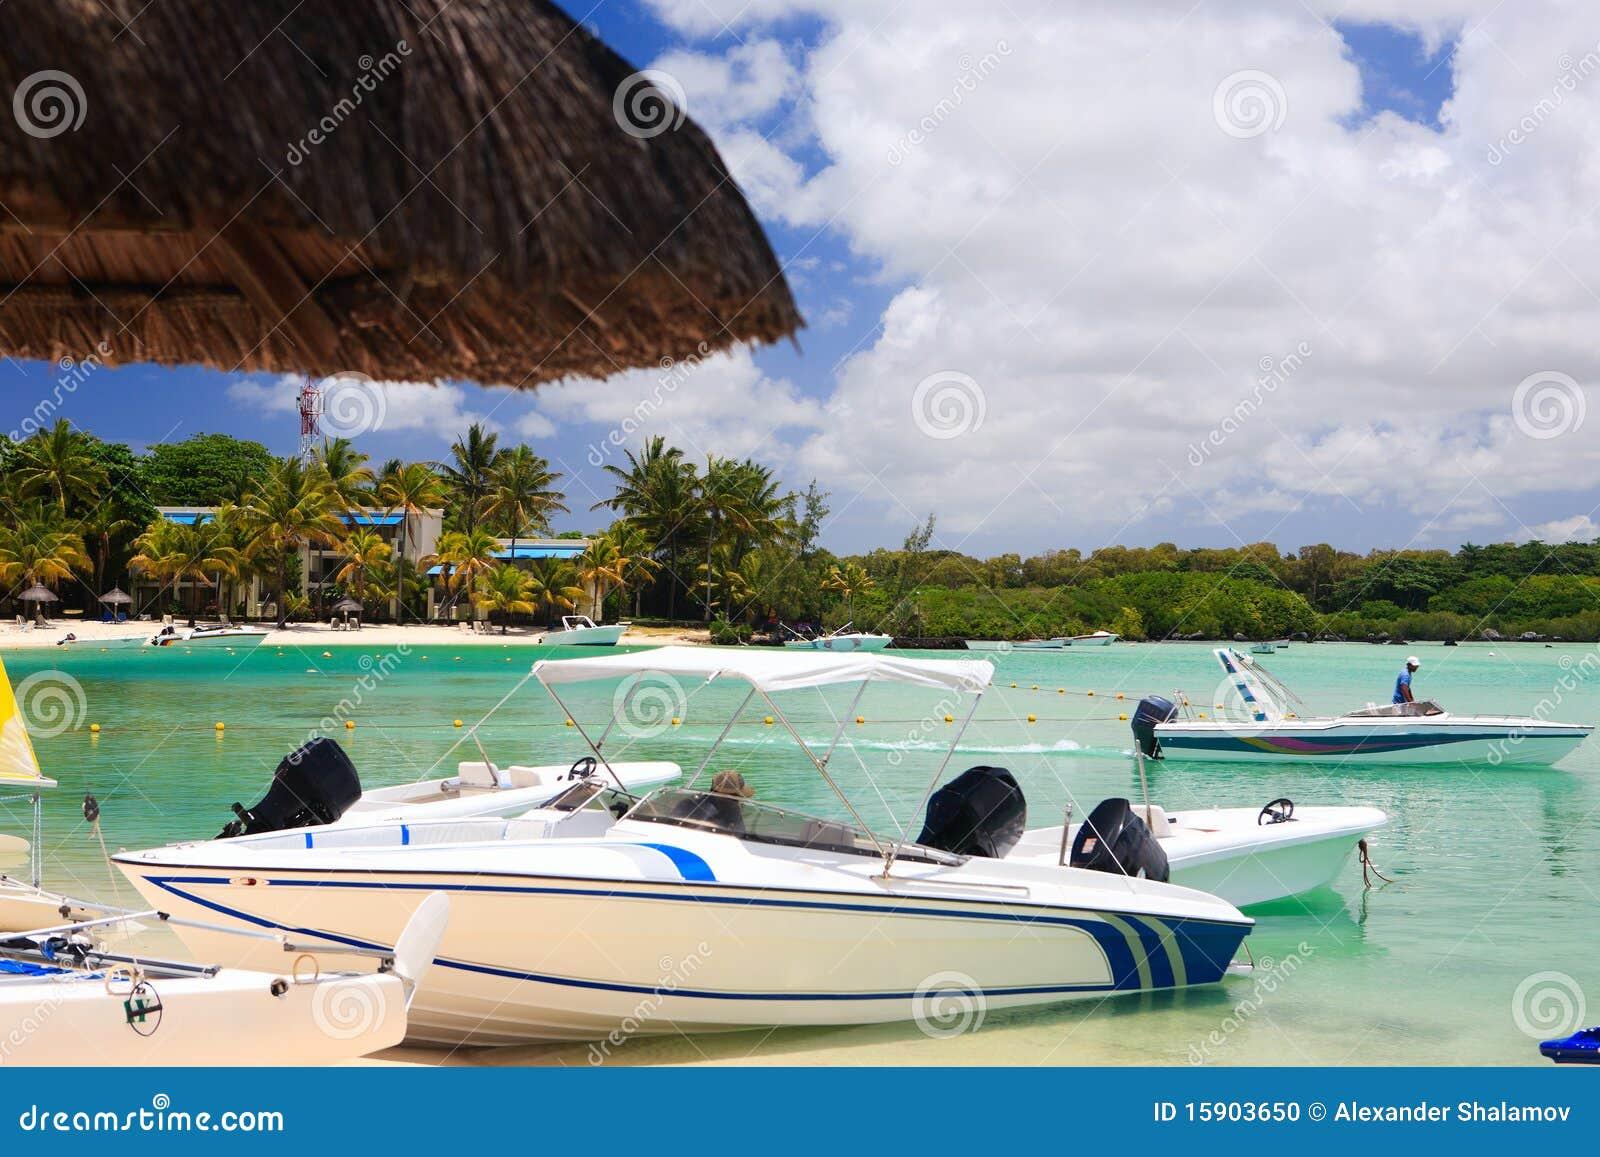 Boote am tropischen Strandurlaubsort